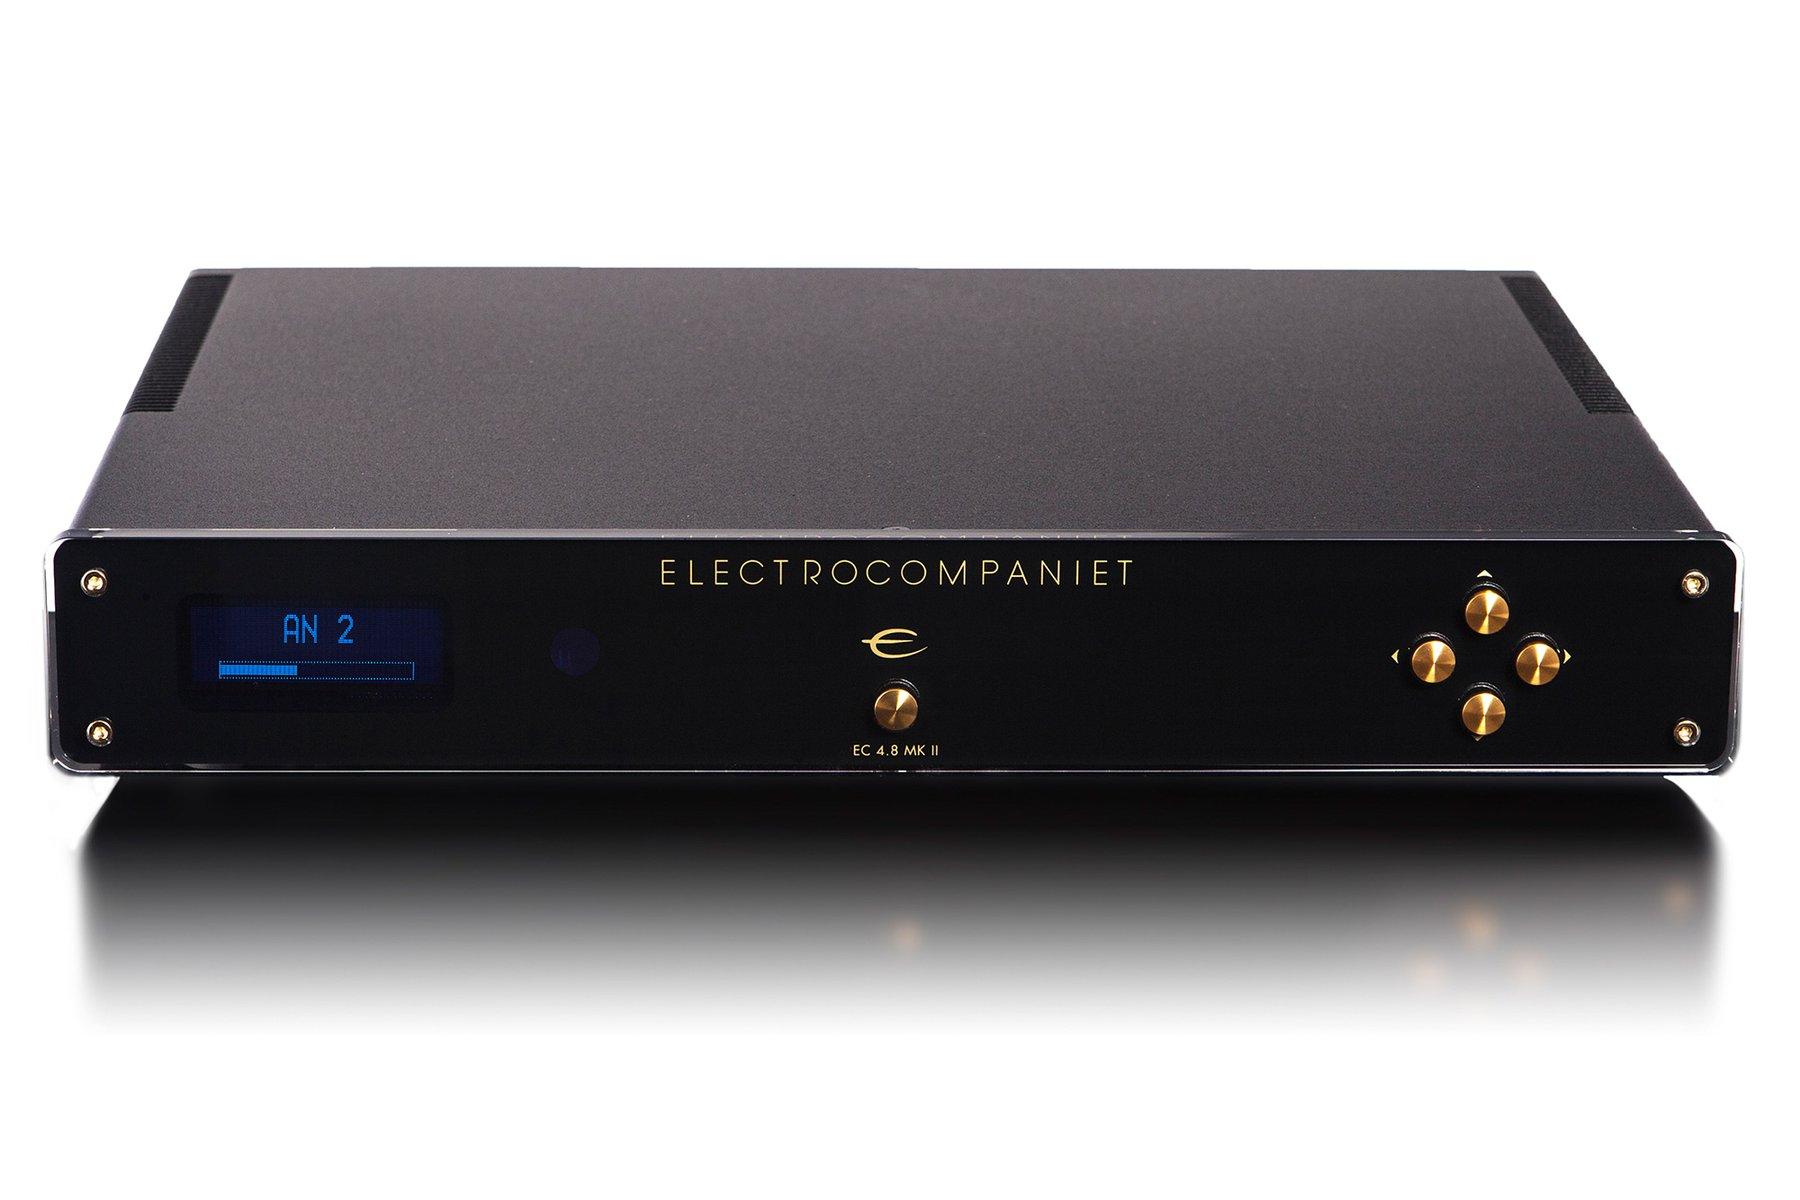 Electrocompaniet_EC4.8mk2_előerősítő - Professional Audio